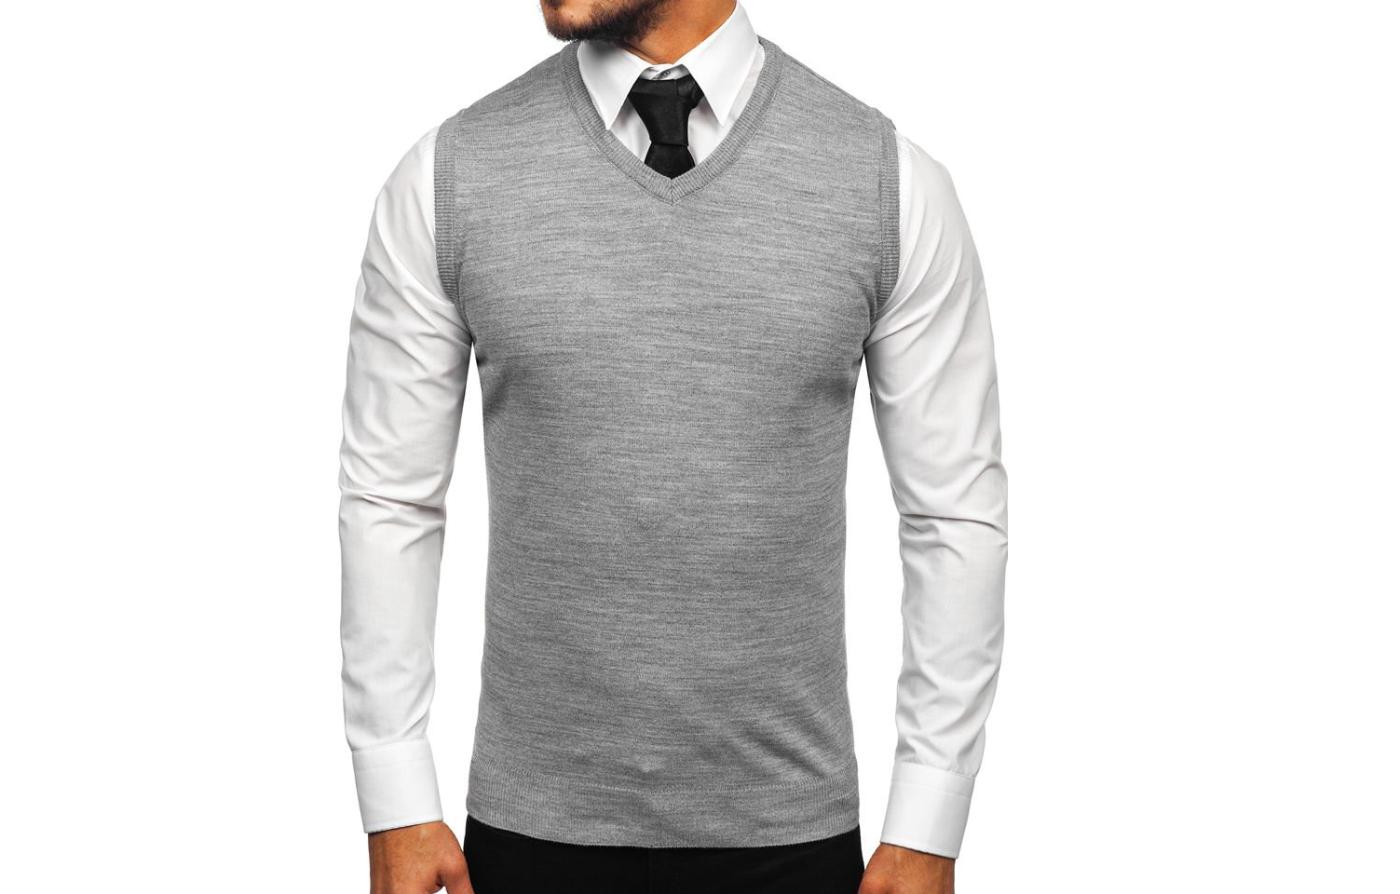 Do czego nosić sweter bez rękawów? Podpowiadamy! - Zdjęcie główne